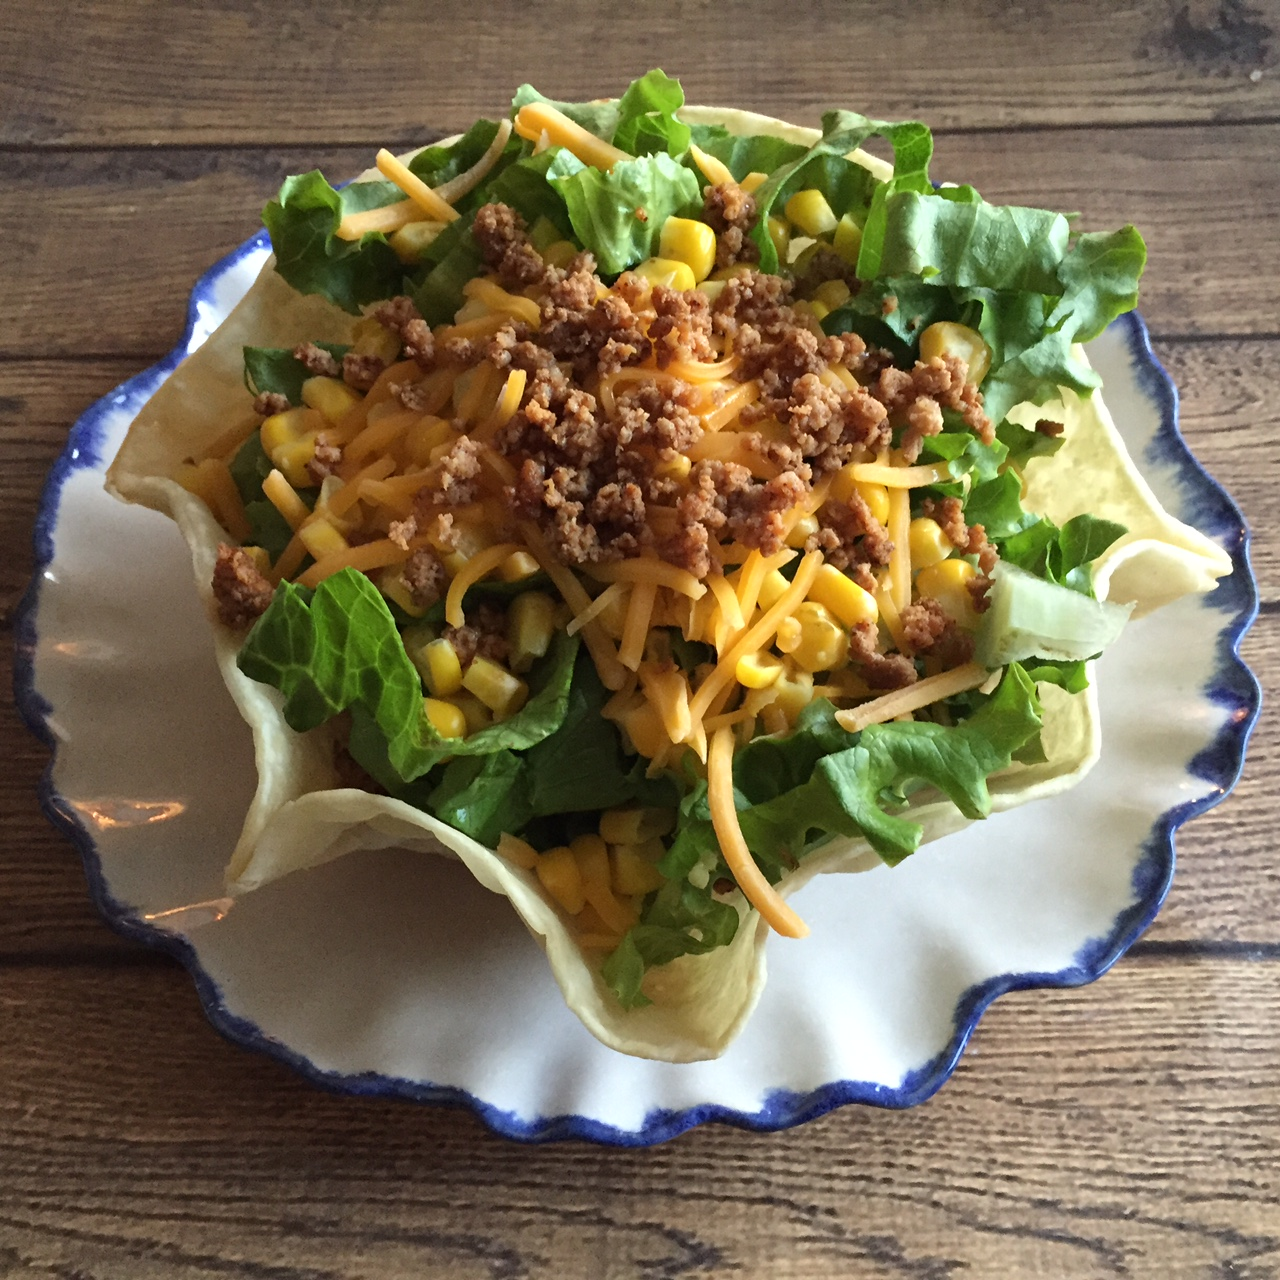 Taco Salad Recipe - Easy, Healthy and Delicious!